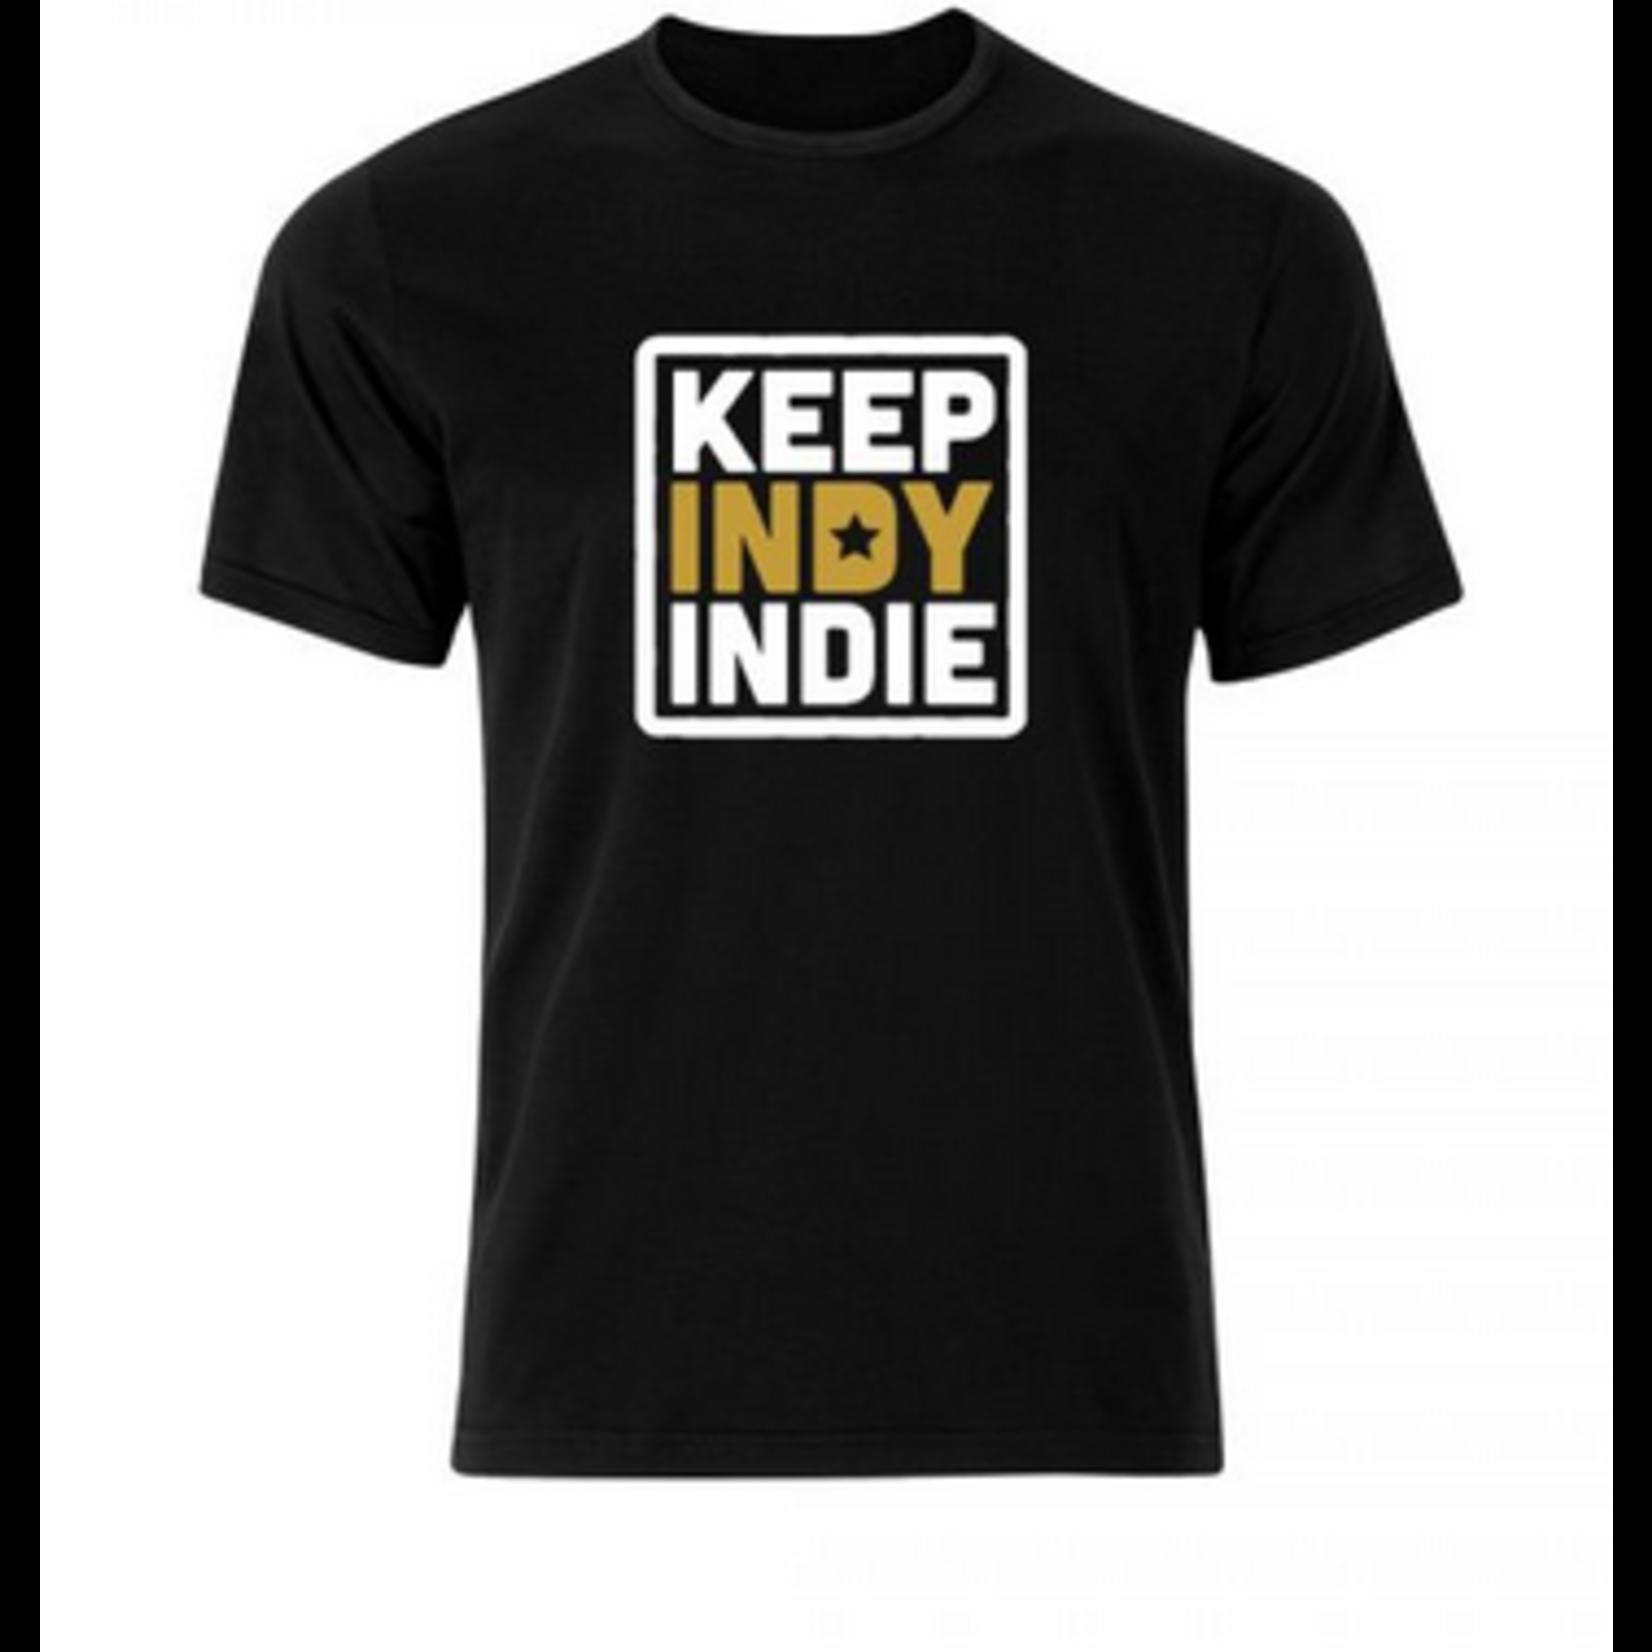 Keep Indy Indie Keep Indy Indie Tee (Unisex)